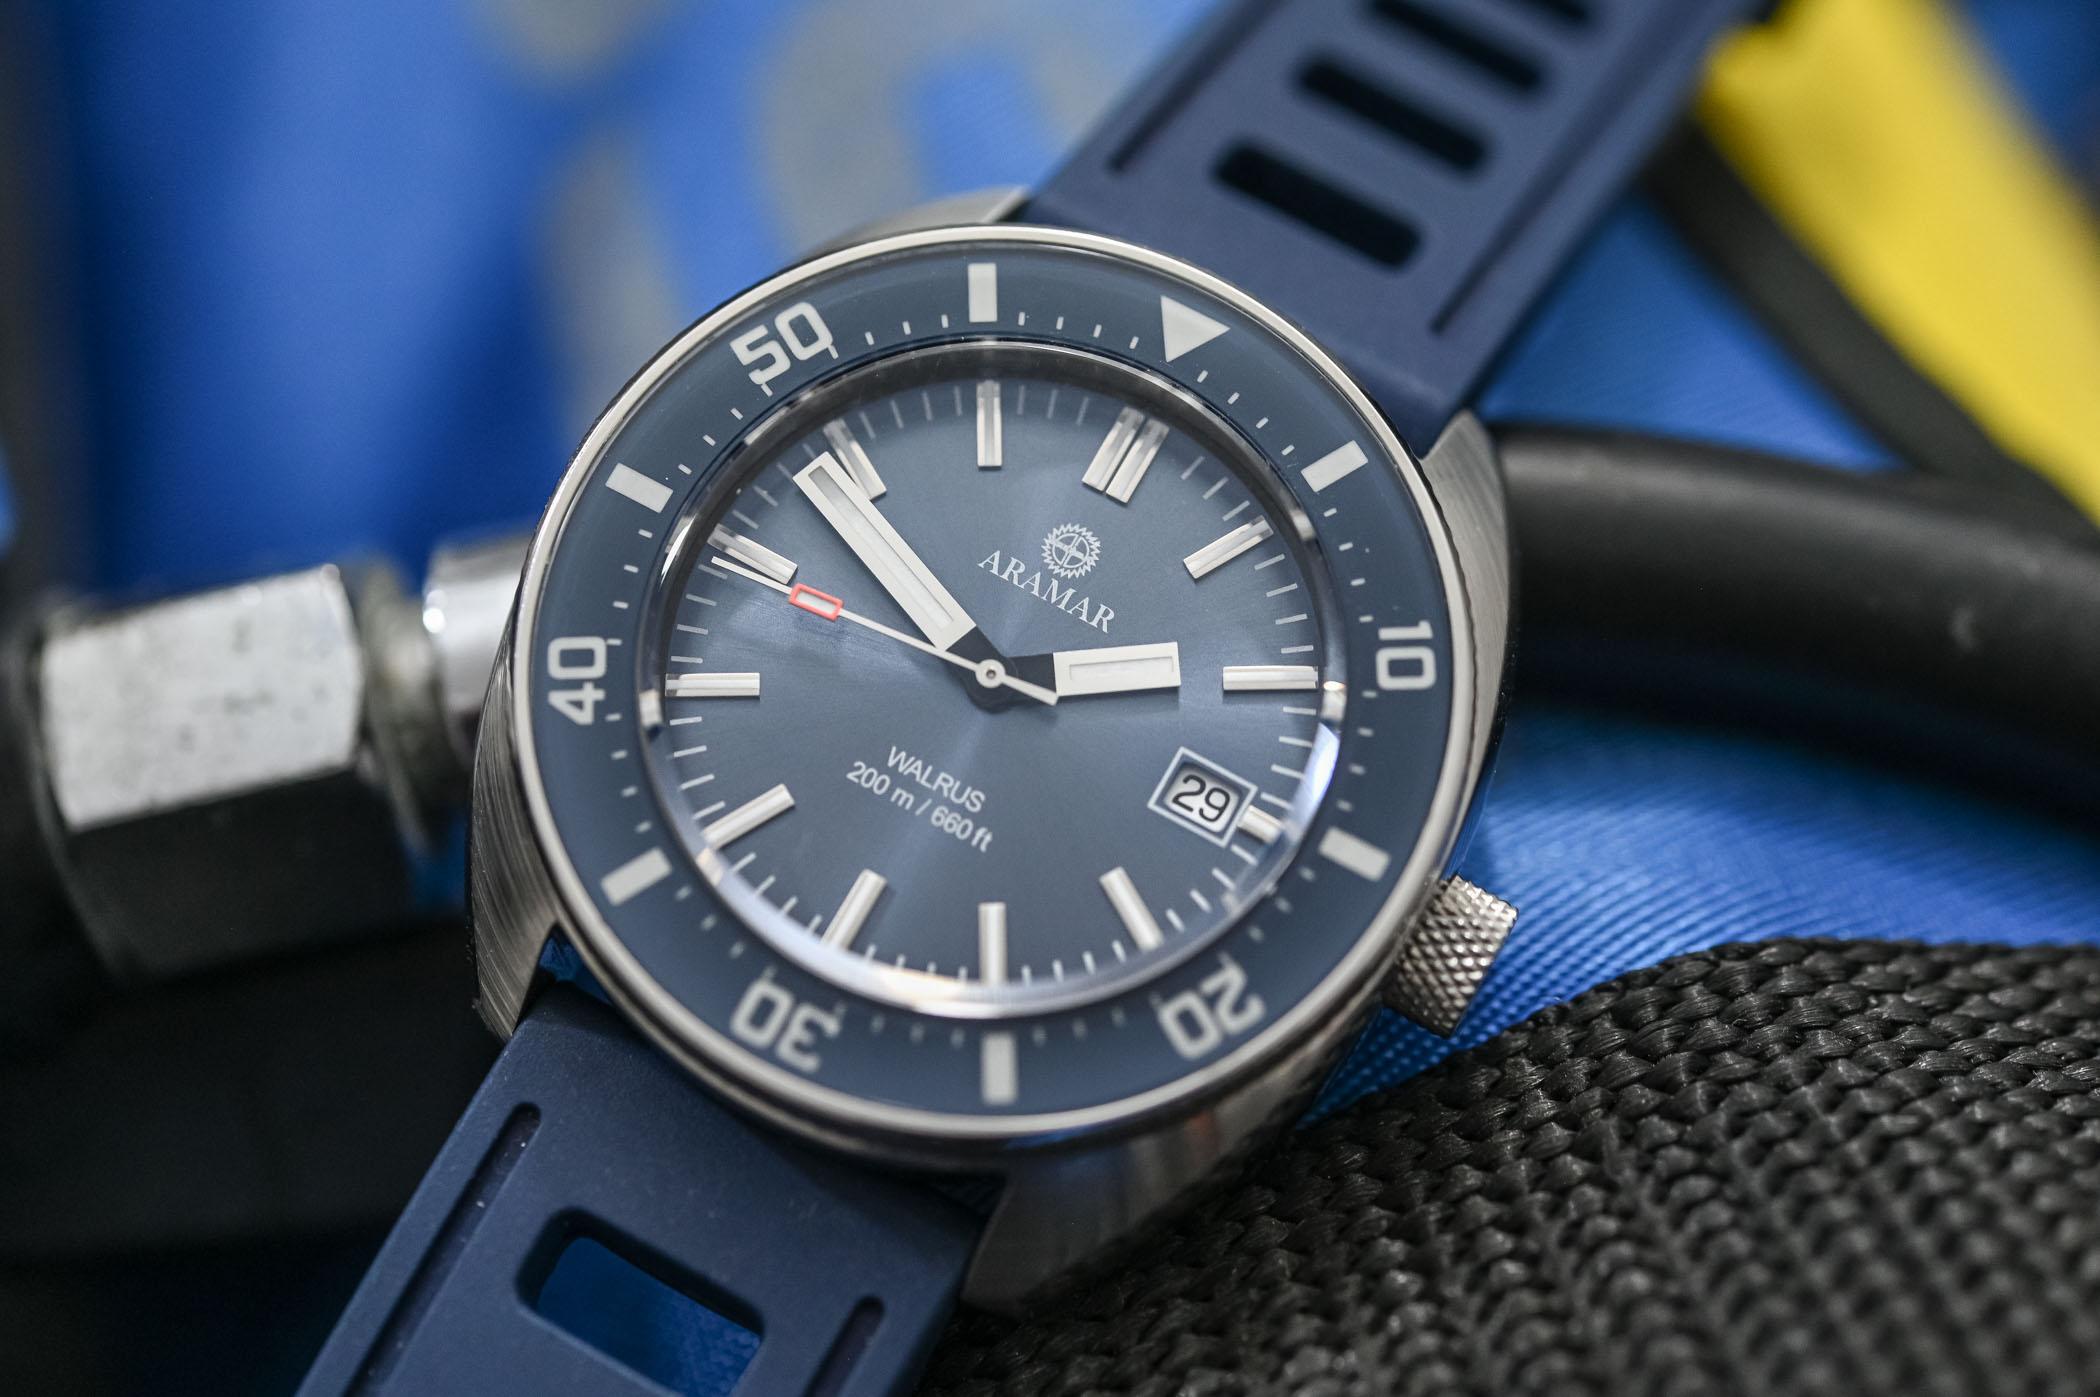 Aramar Walrus Dive Watch - Value Proposition Kickstarter